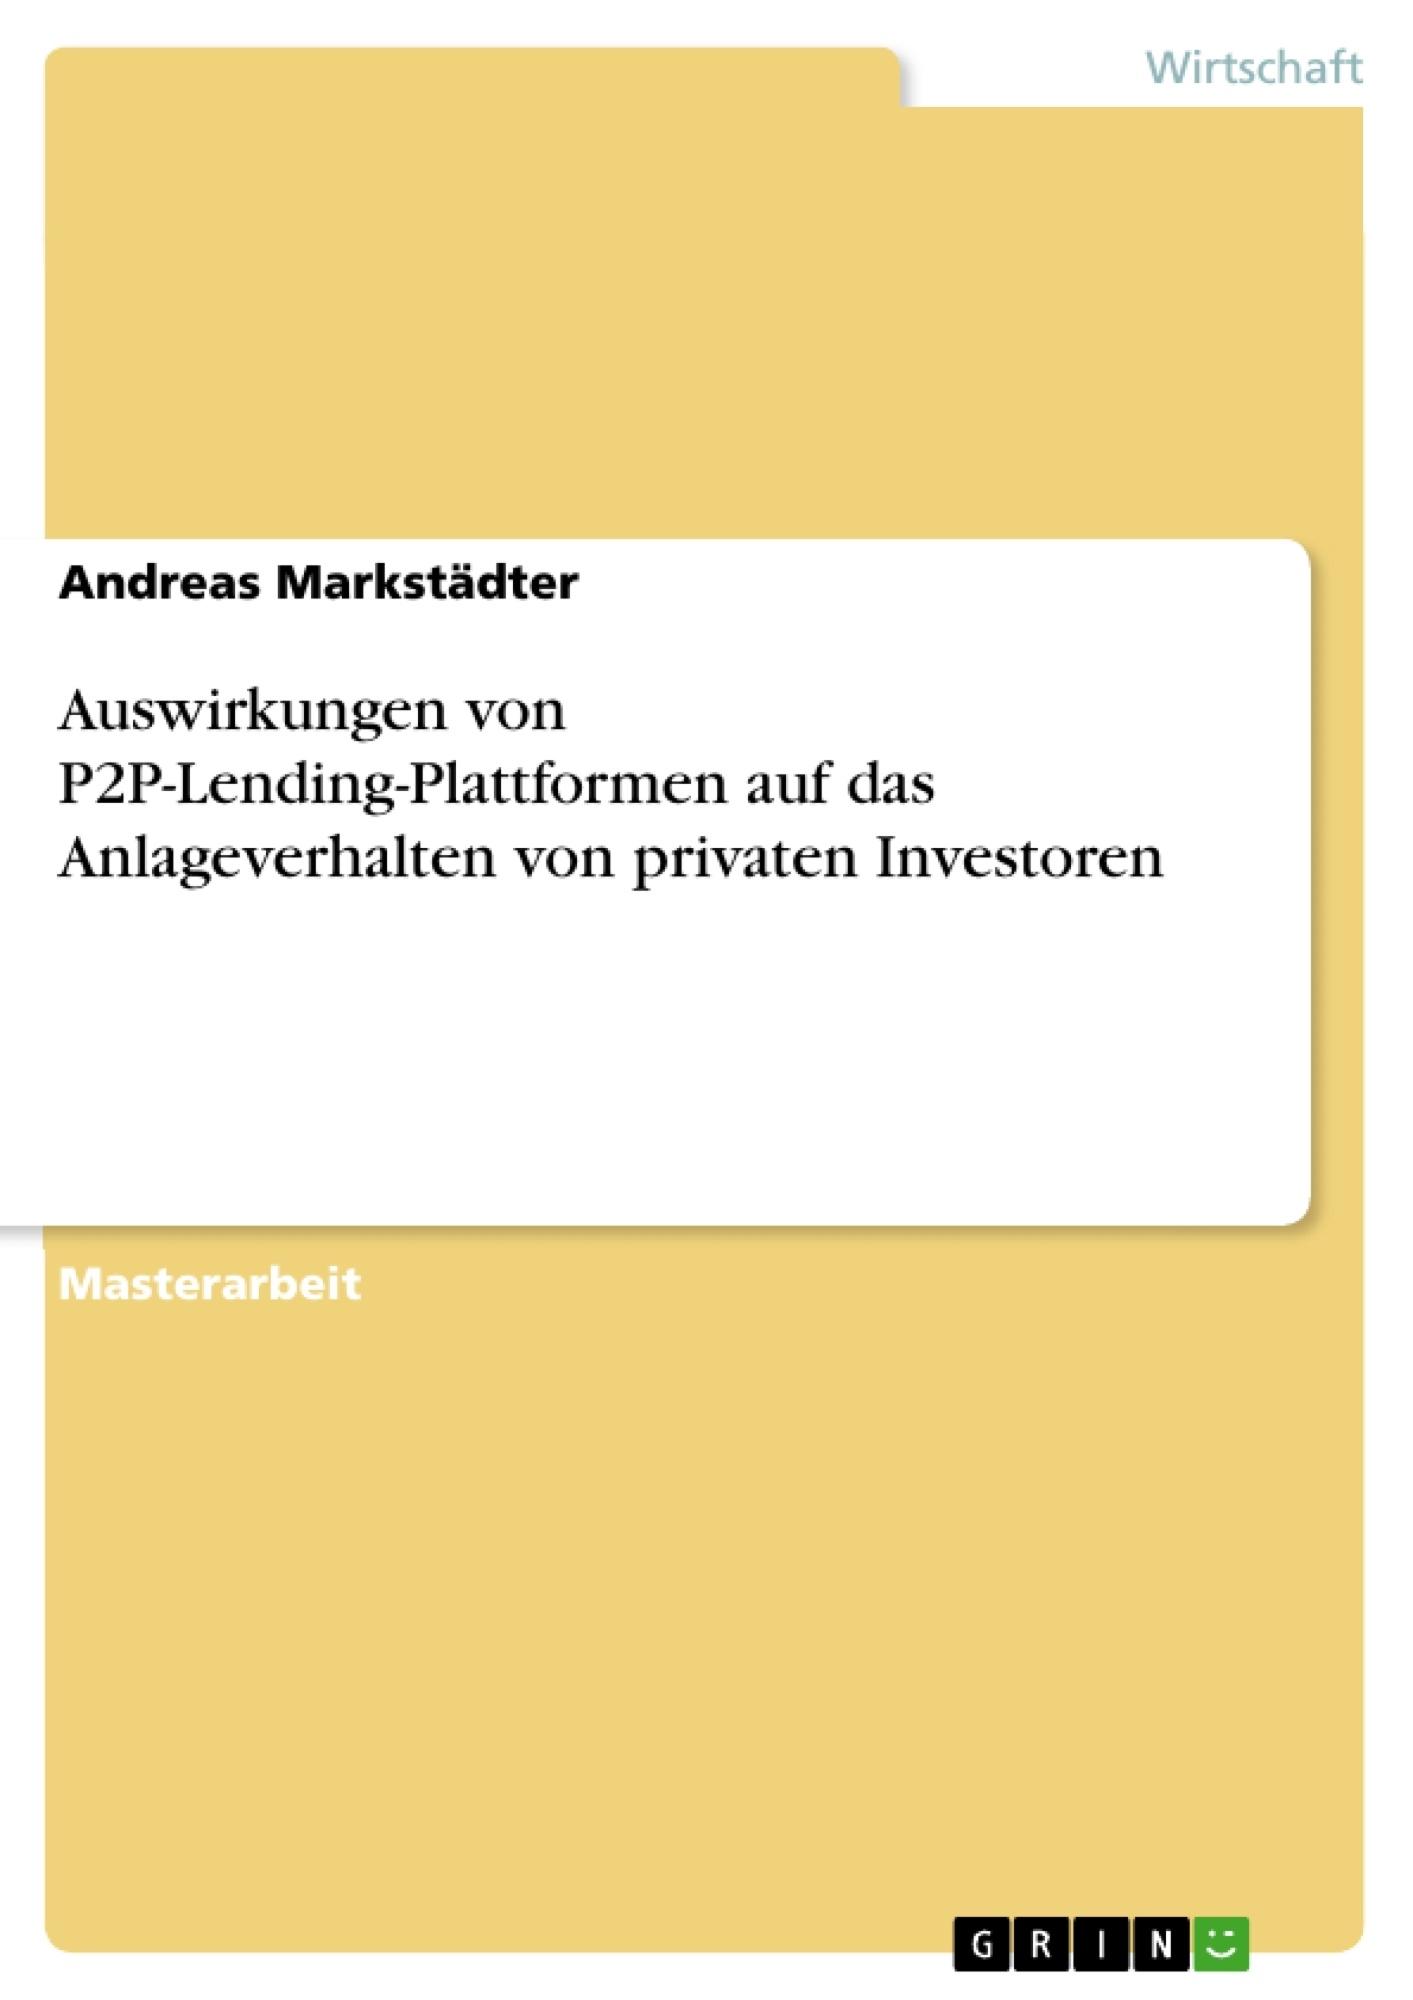 Titel: Auswirkungen von P2P-Lending-Plattformen auf das Anlageverhalten von privaten Investoren